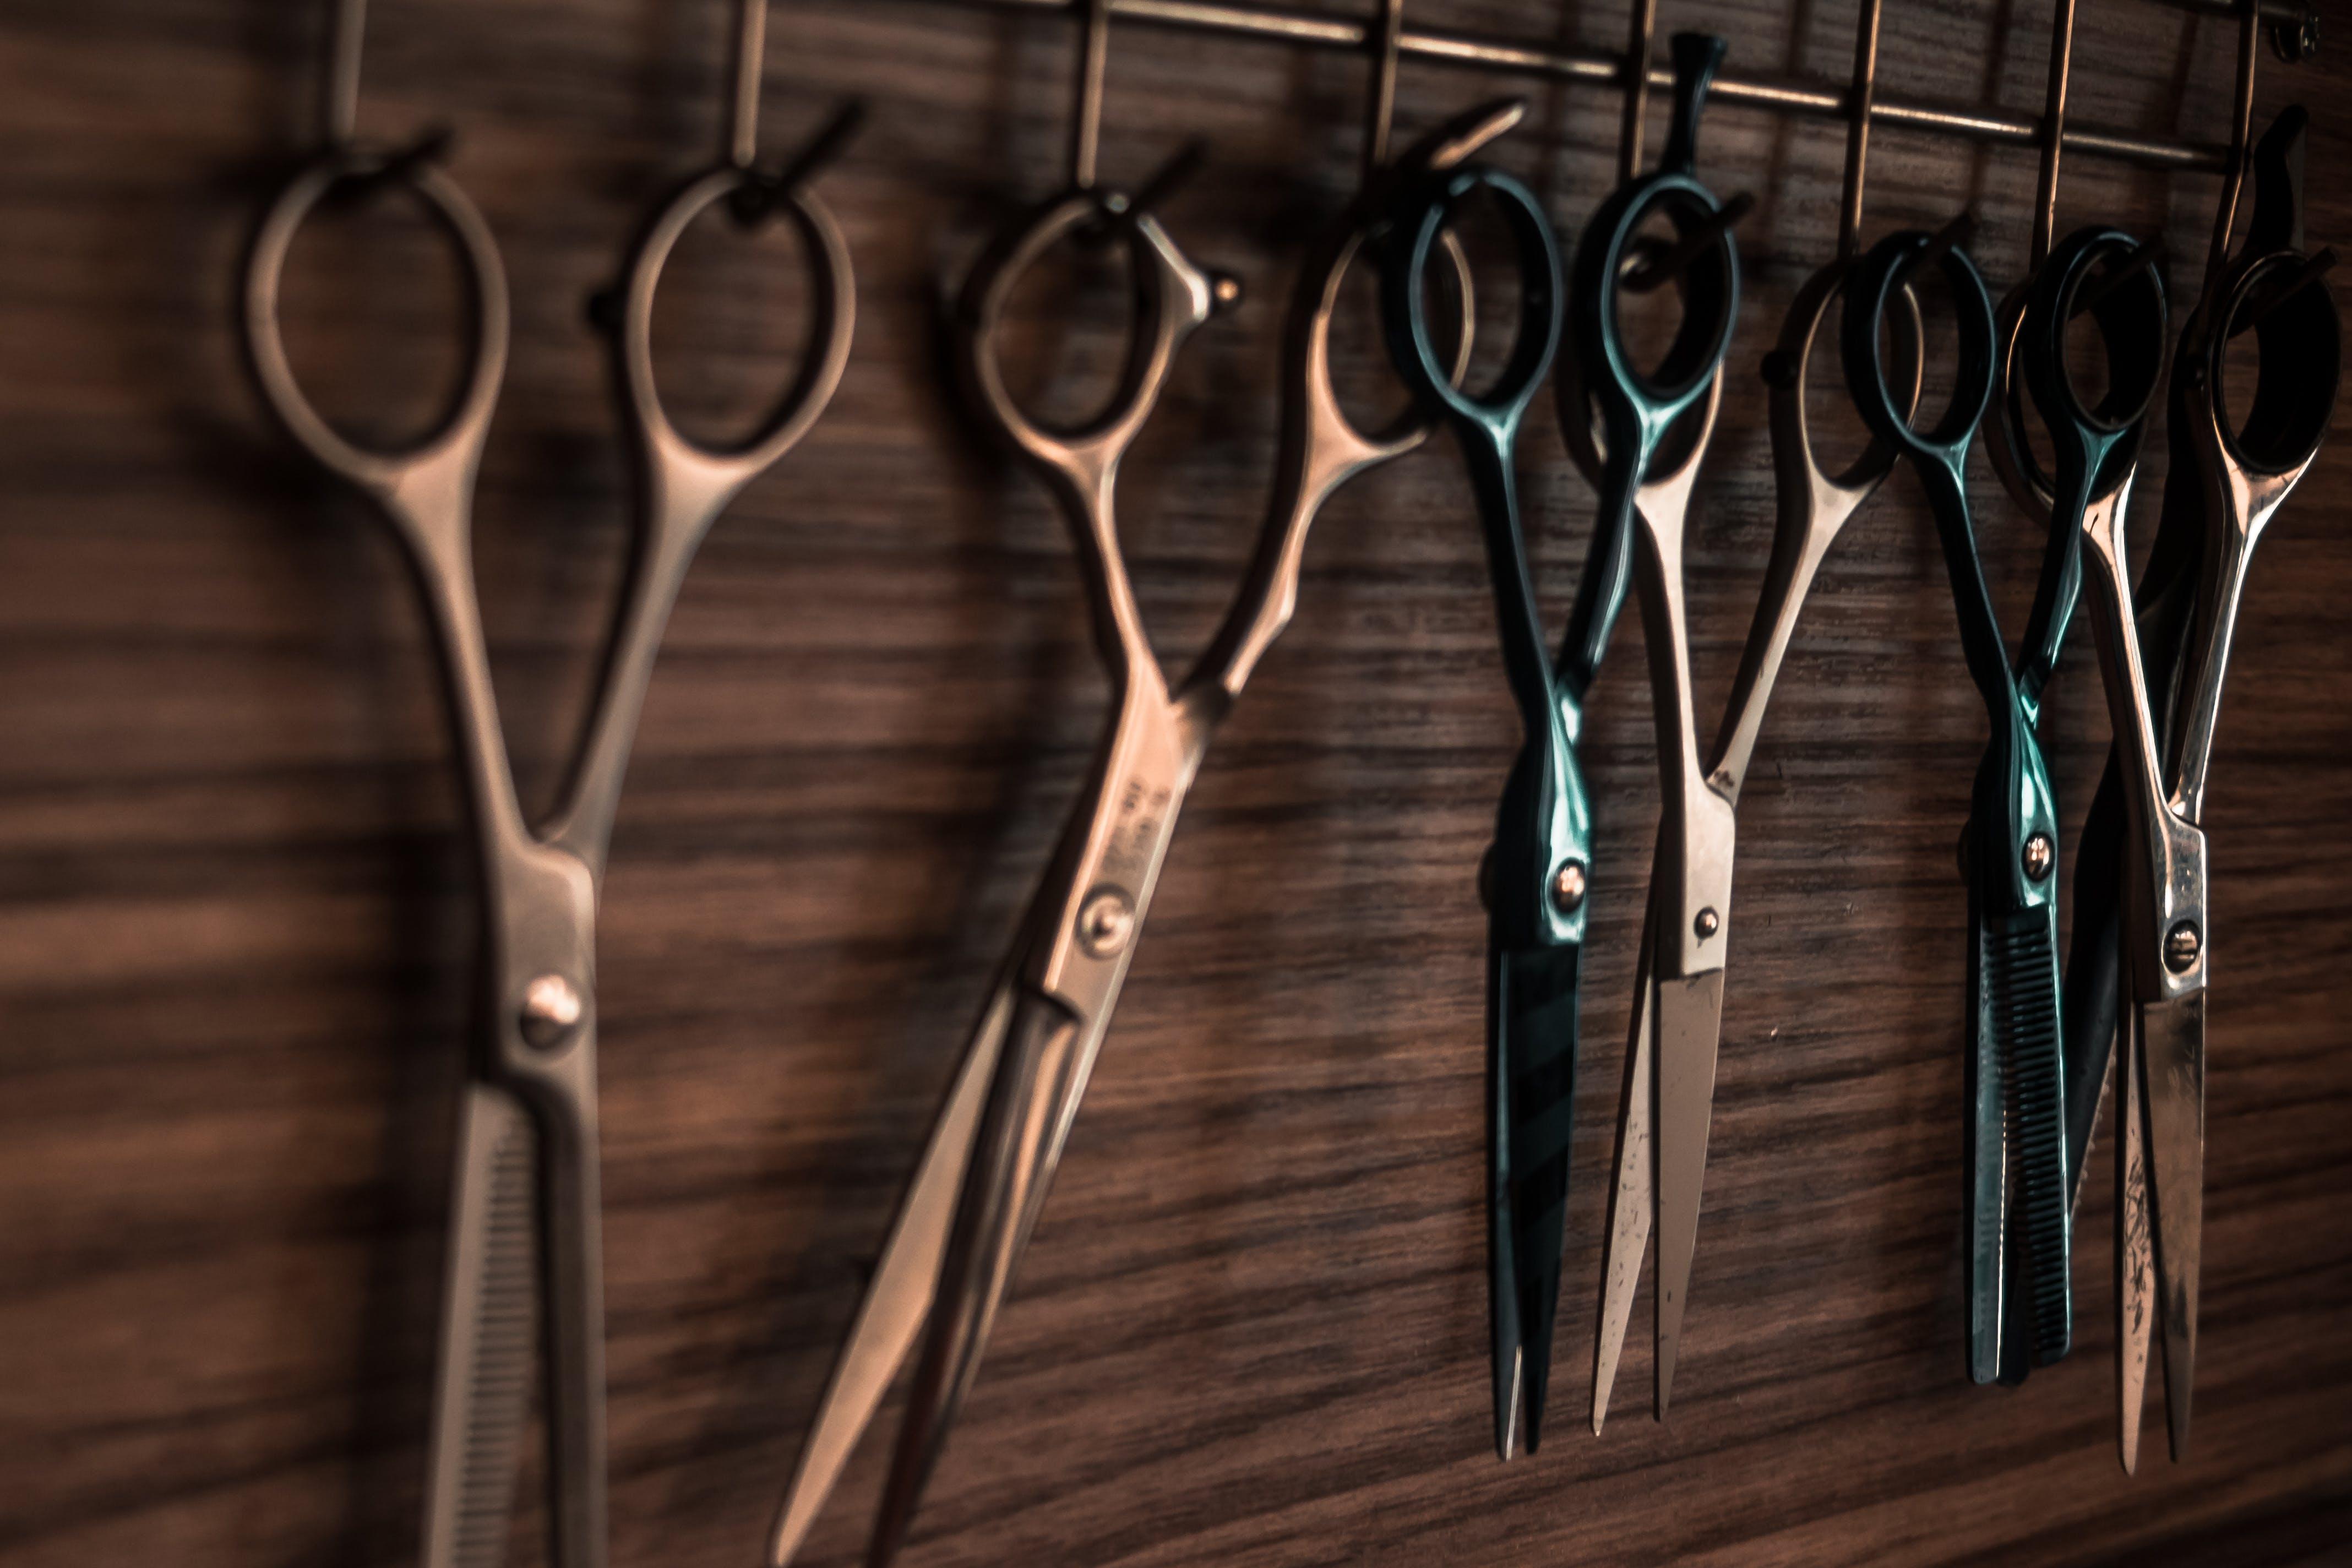 不銹鋼, 切, 刮鬍子, 剪刀 的 免費圖庫相片